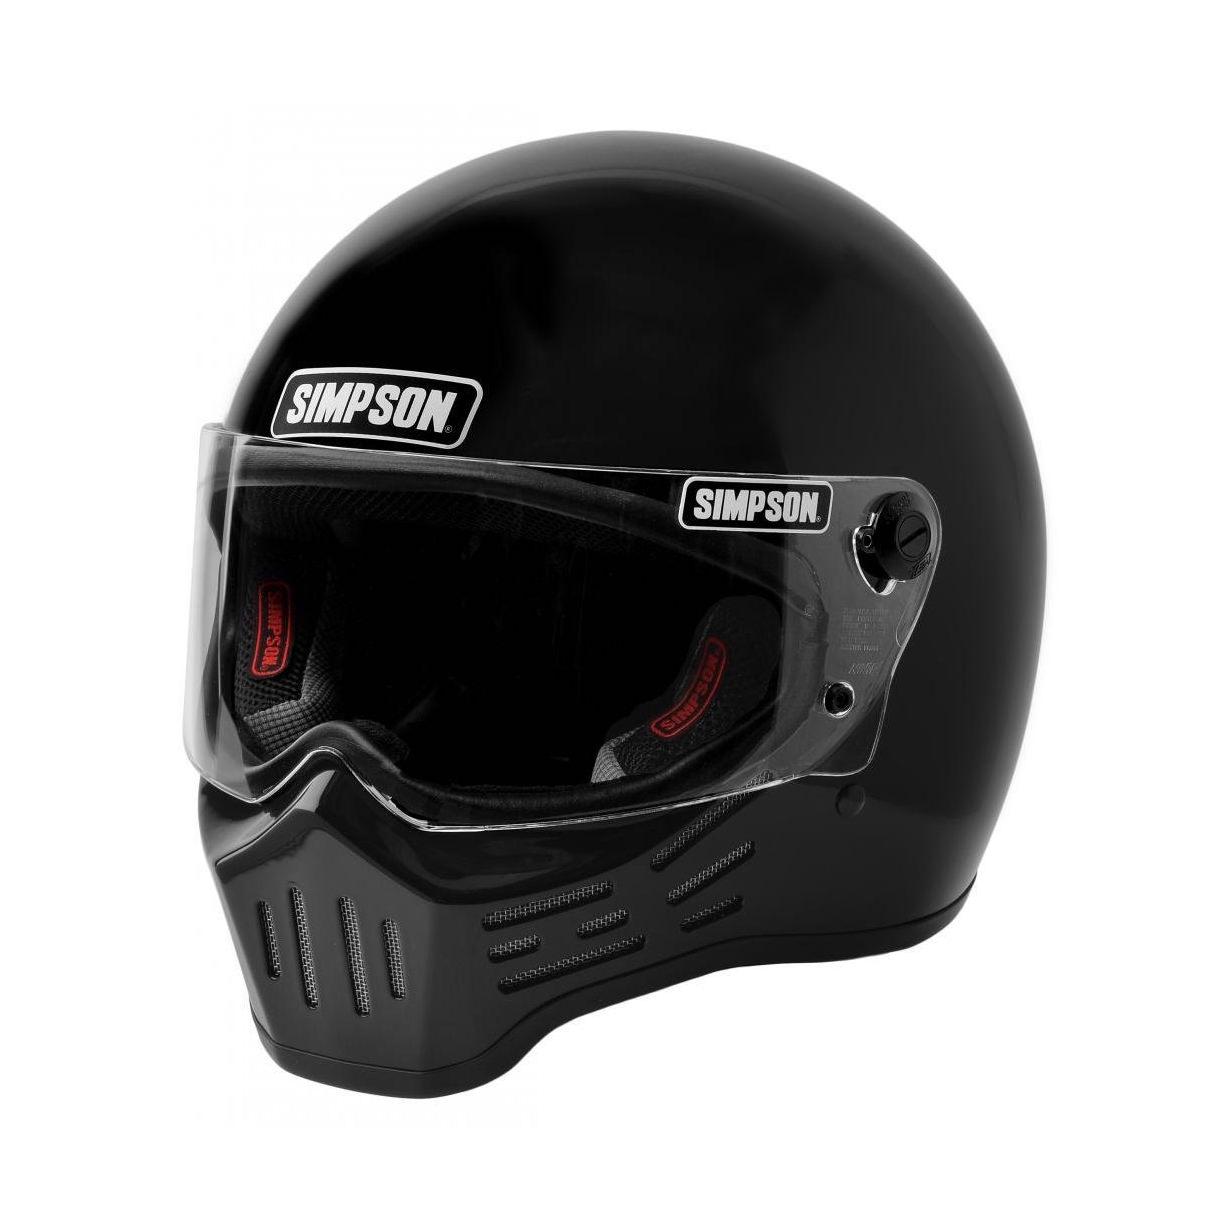 Simpson M30 Bandit Motorcycle Helmet 2